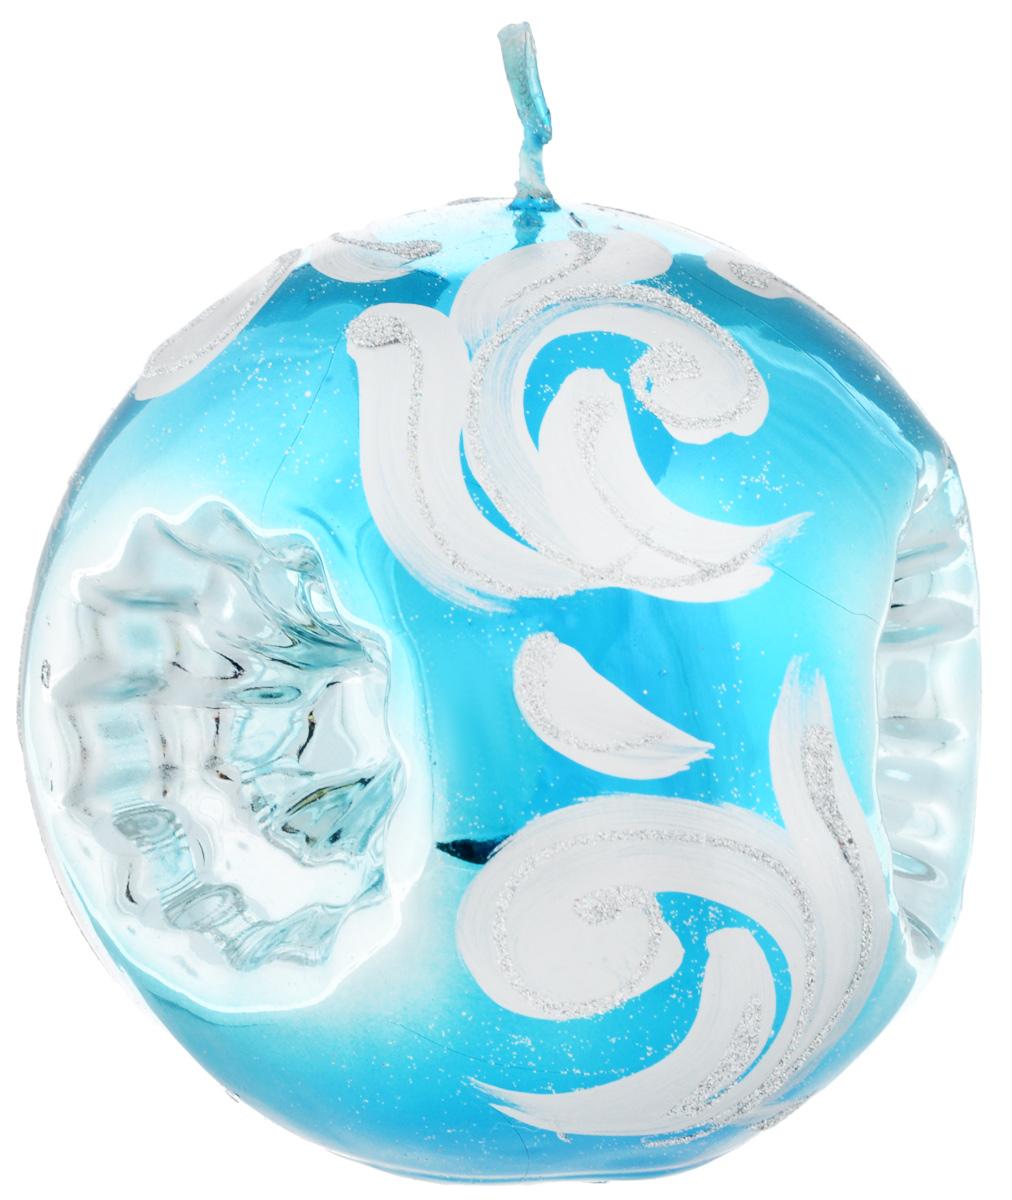 Свеча-шар Fem Рефлектор, цвет: бирюзовый, серебристый, диаметр 10 см1790/8541Свеча-шар Fem Рефлектор изготовлена из парафина и декорирована изящным узором с блестками. Такая свеча станет изысканным украшением интерьера. Она принесет в ваш дом волшебство и ощущение праздника.